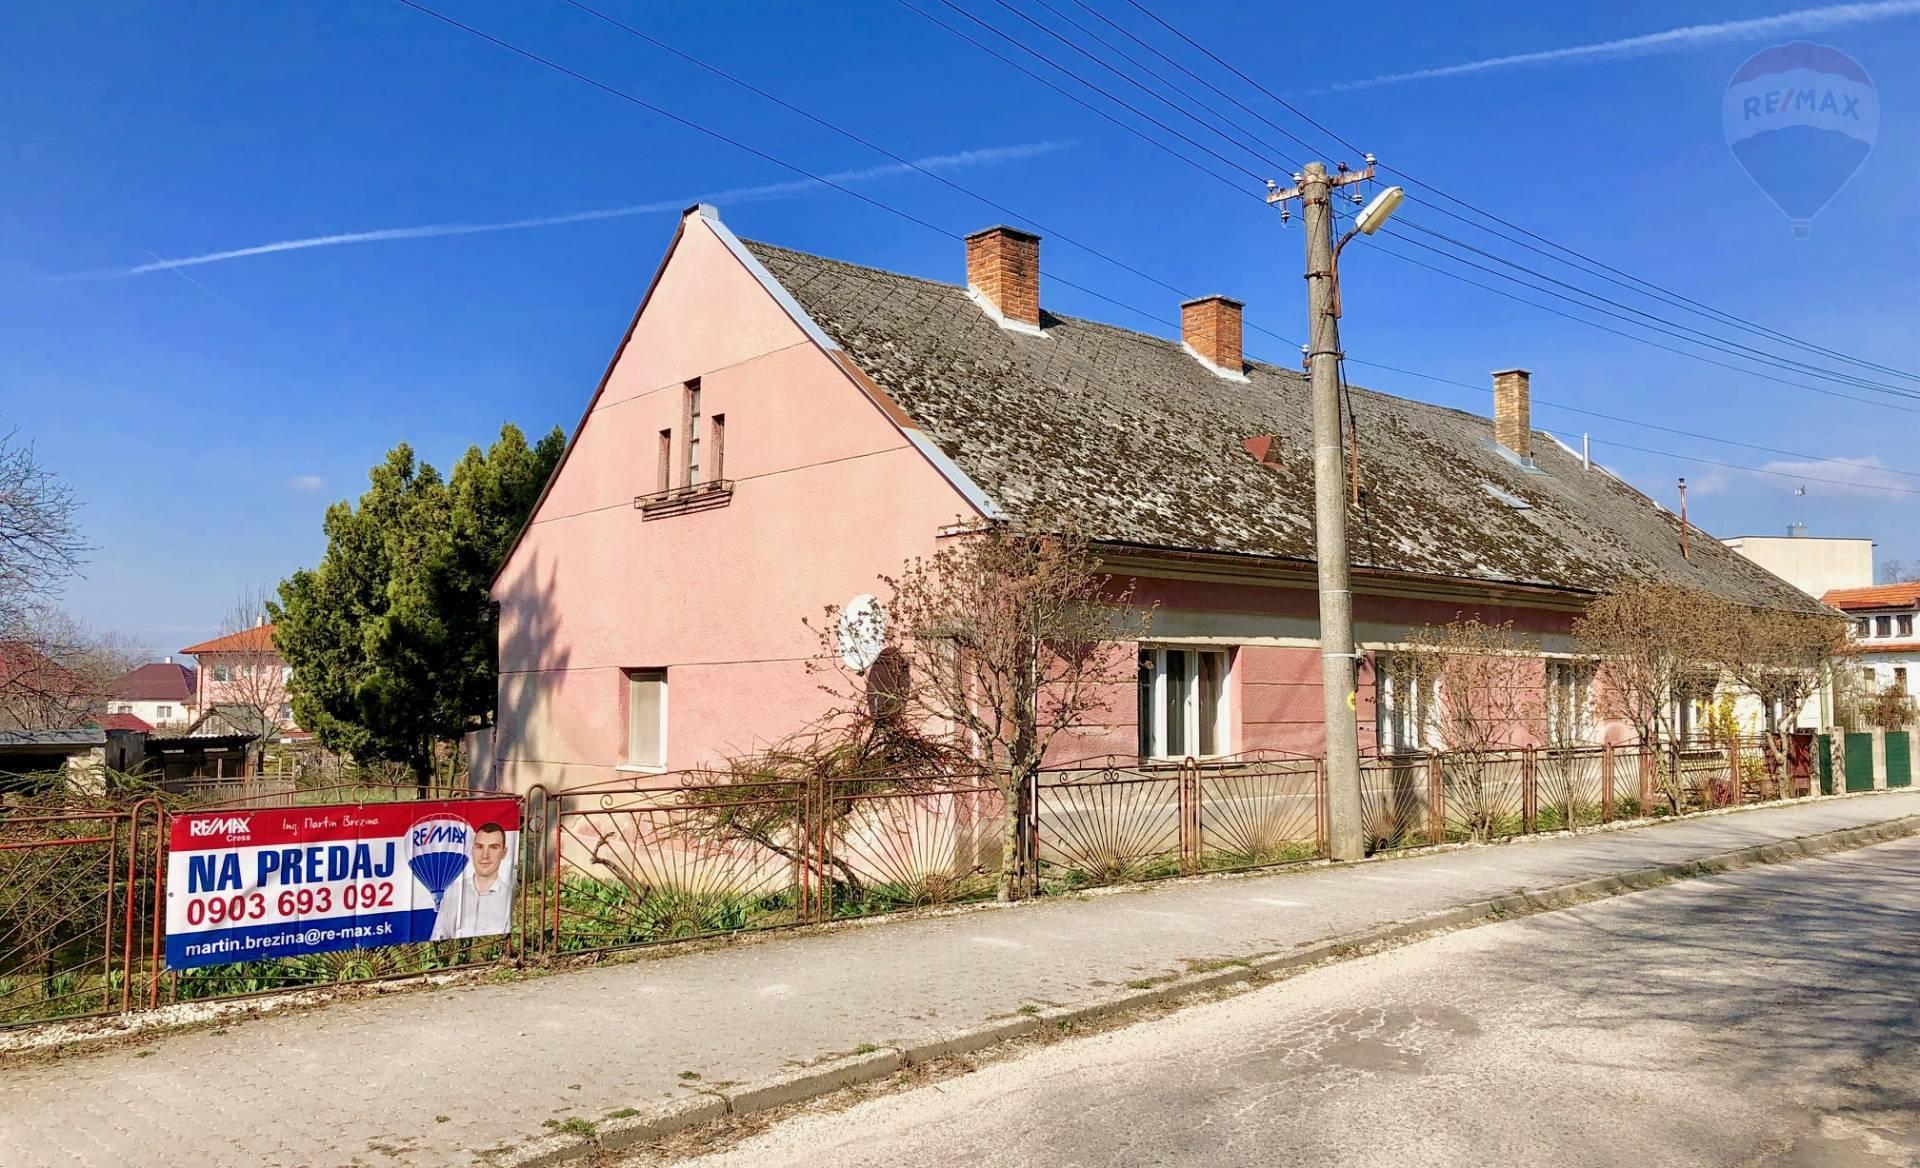 Na predaj - vidiecky dom s veľkým pozemkom